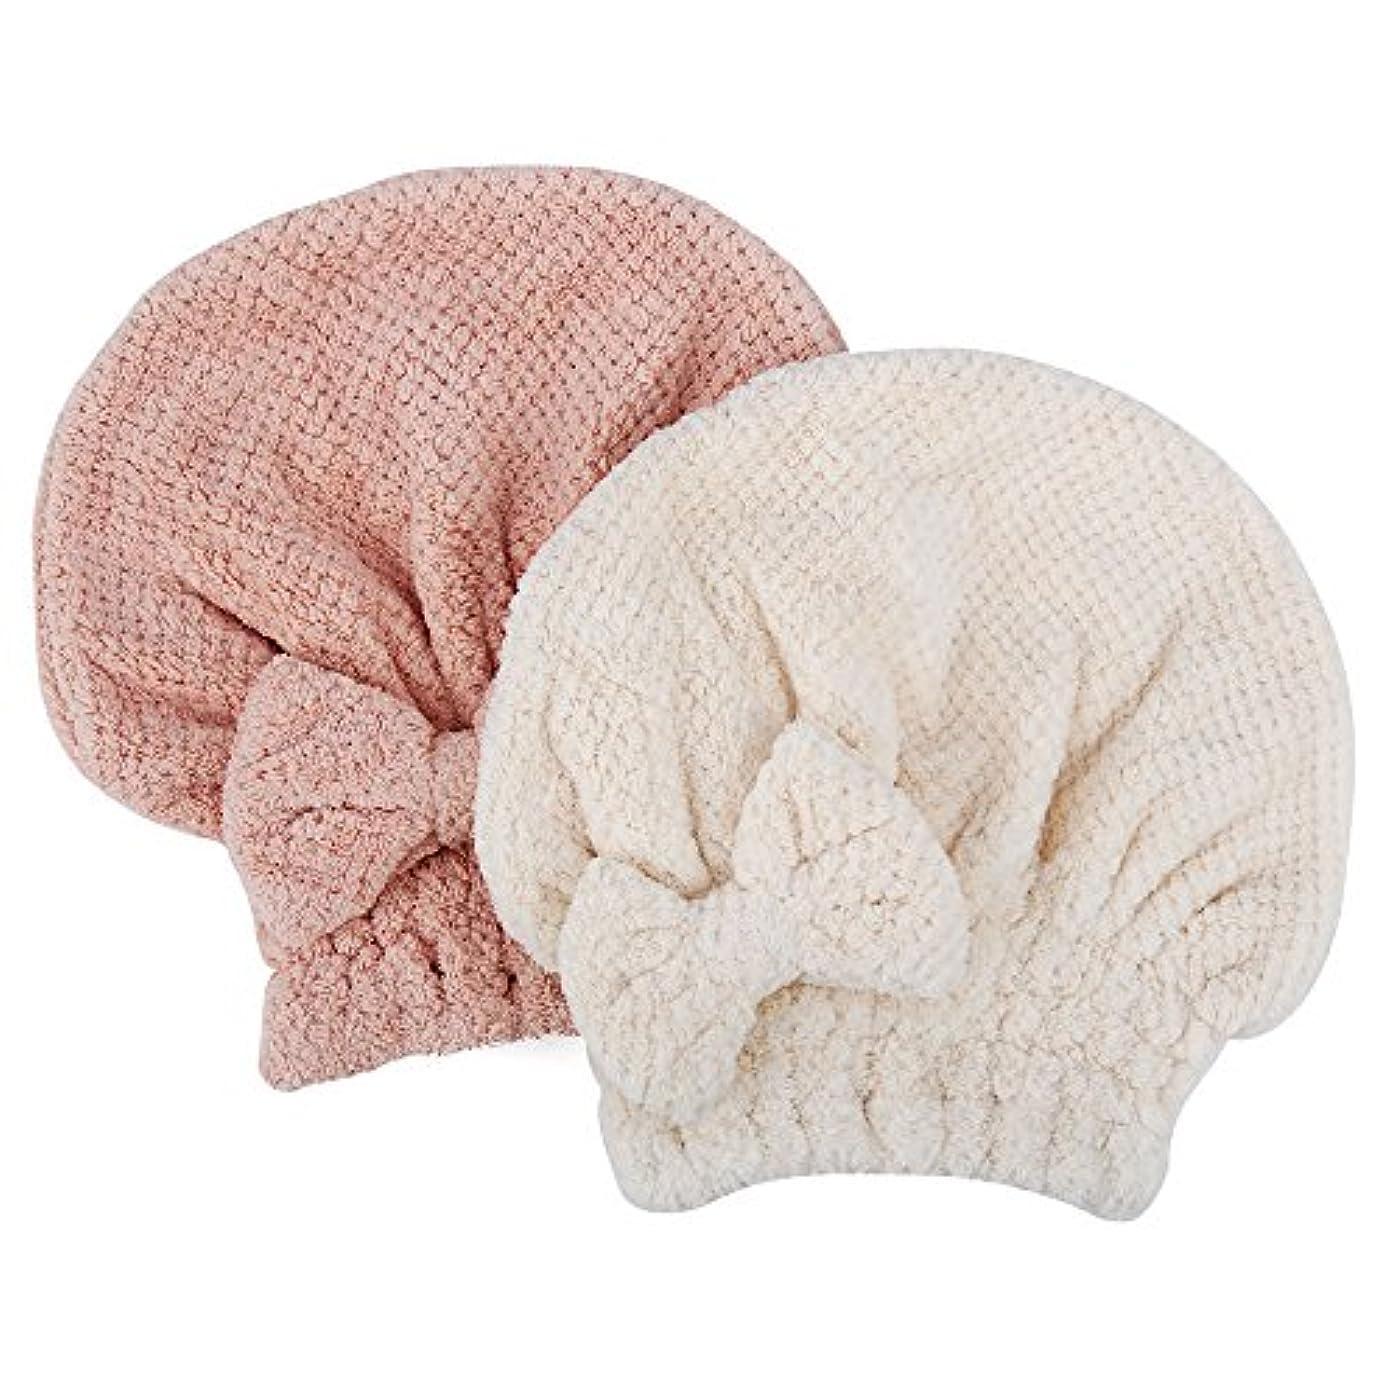 国内のロッドキッチンKISENG タオルキャップ 2枚セット ヘアドライタオル 短髪の人向き ヘアキャップ 吸水タオル 速乾 ふわふわ お風呂 バス用品 (ピンク+ホワイト)